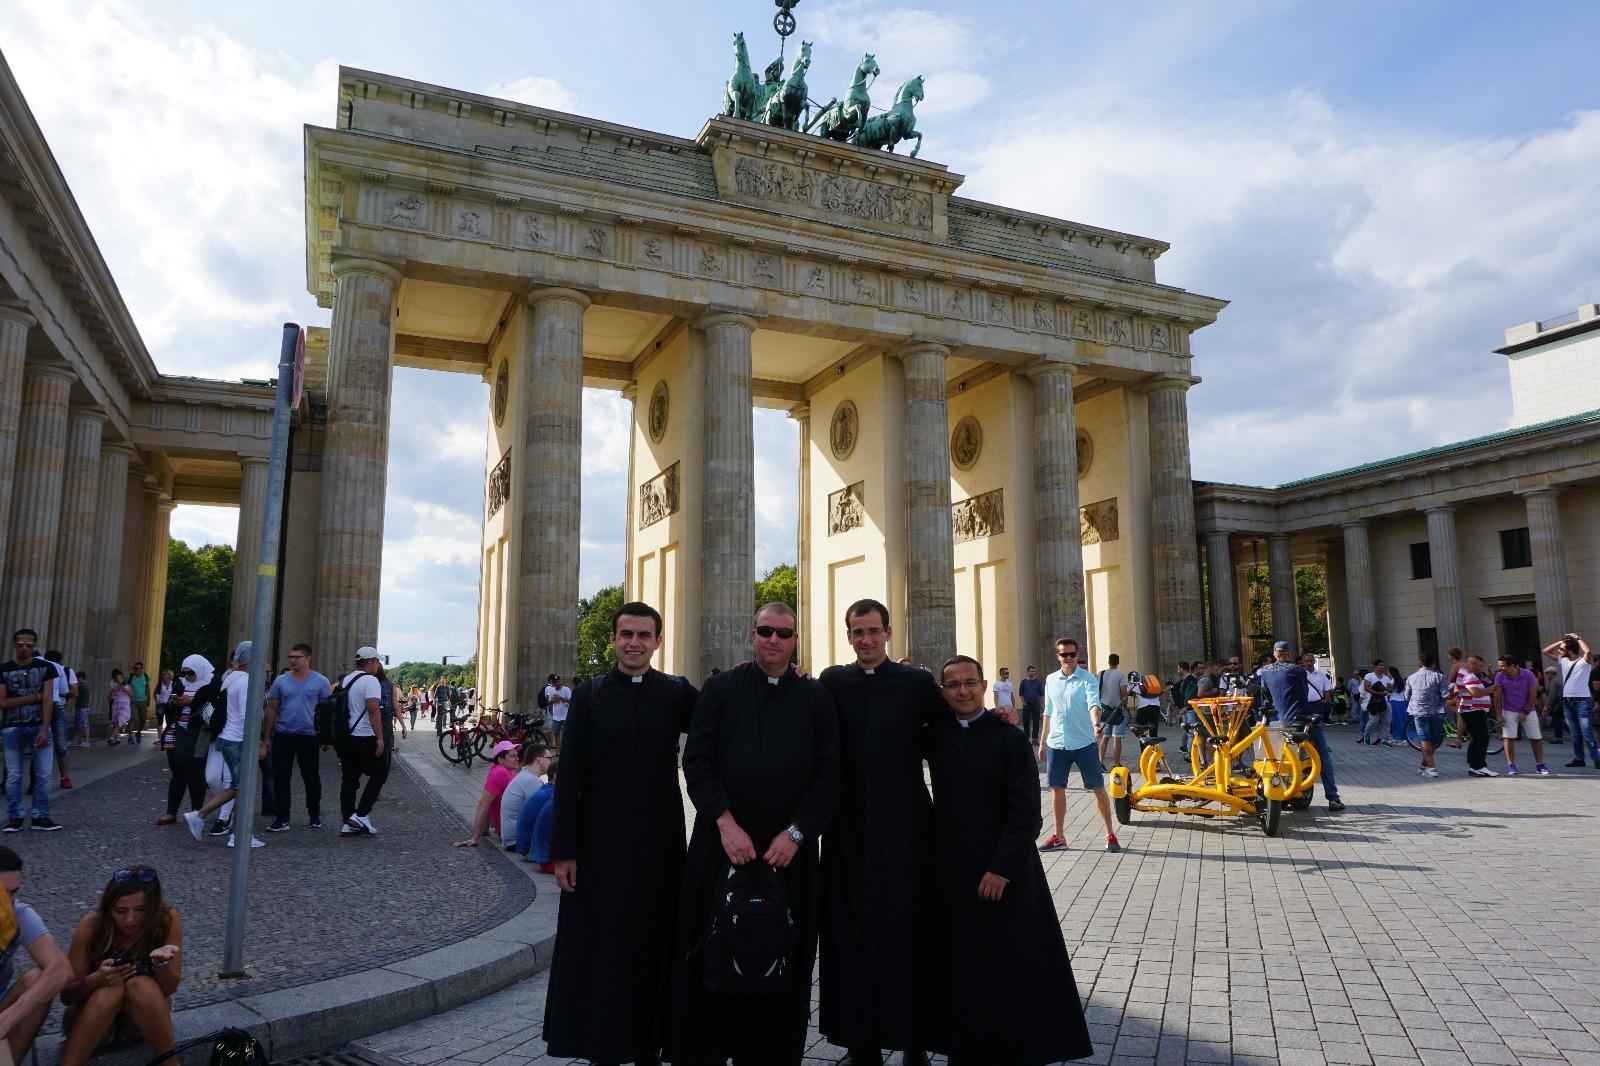 En la puerta de Brandemburgo (conocido lugar de Berlín)